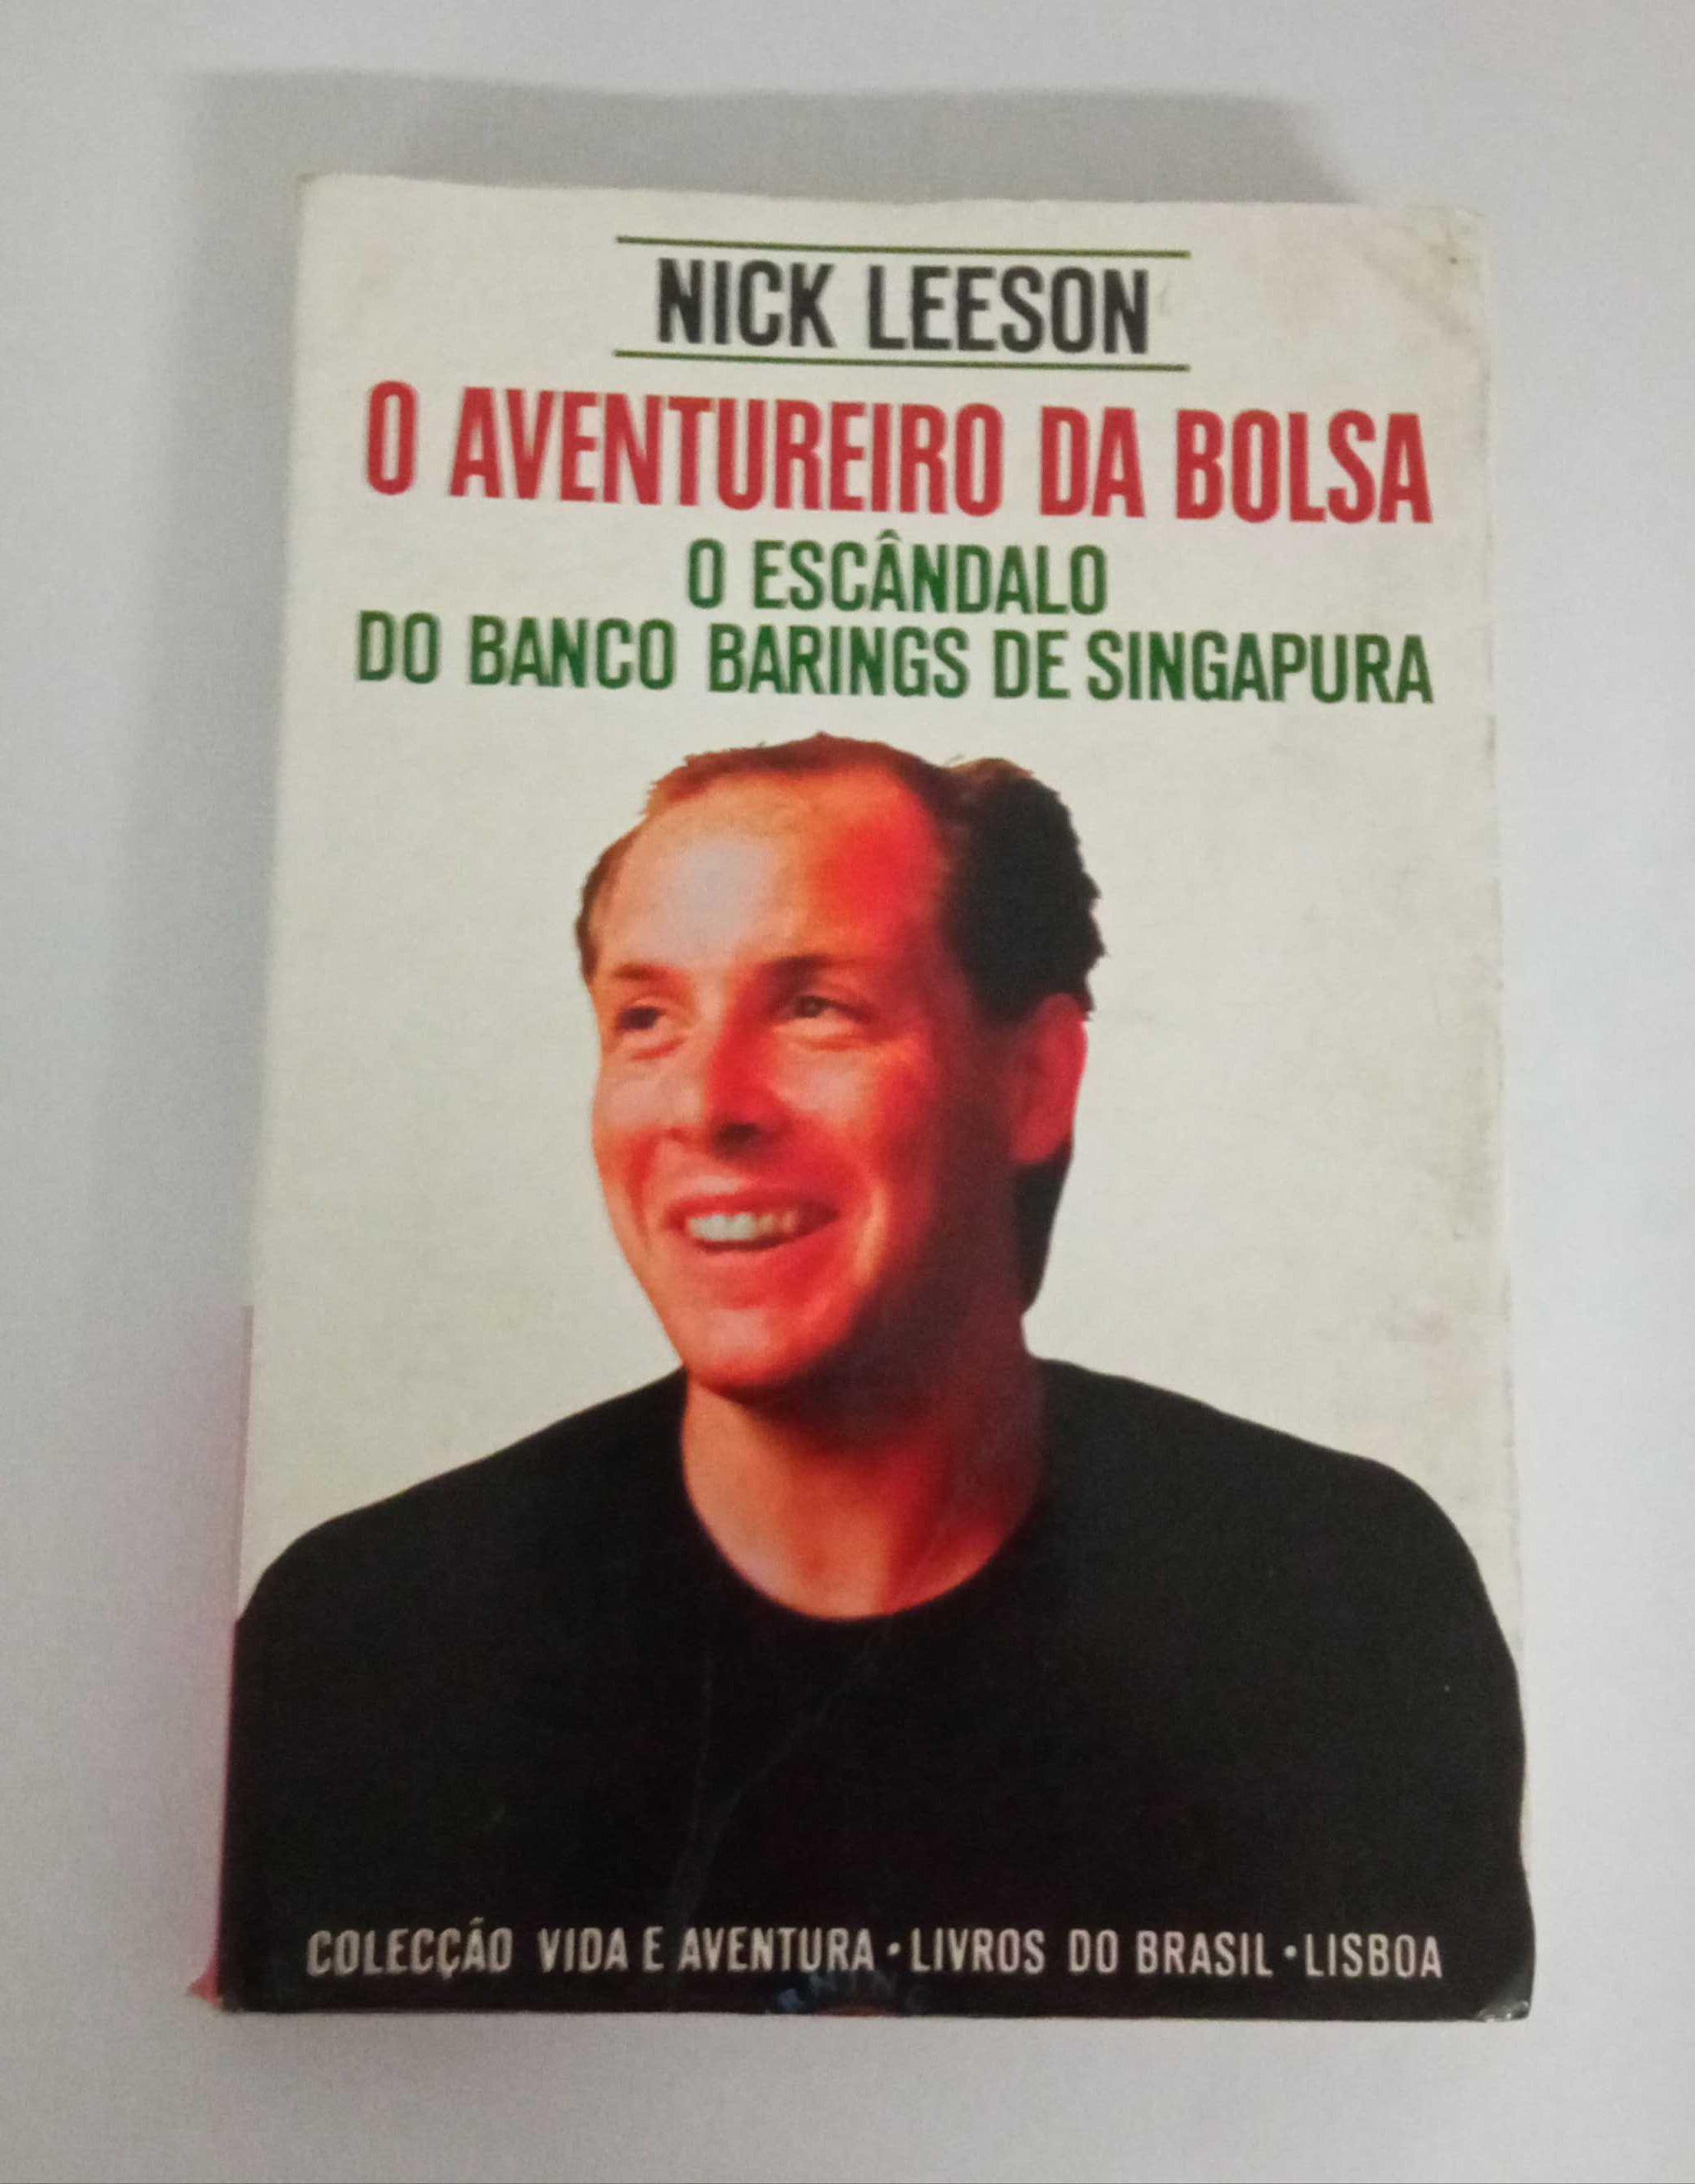 O aventureiro da bolsa, de Nick Leeson